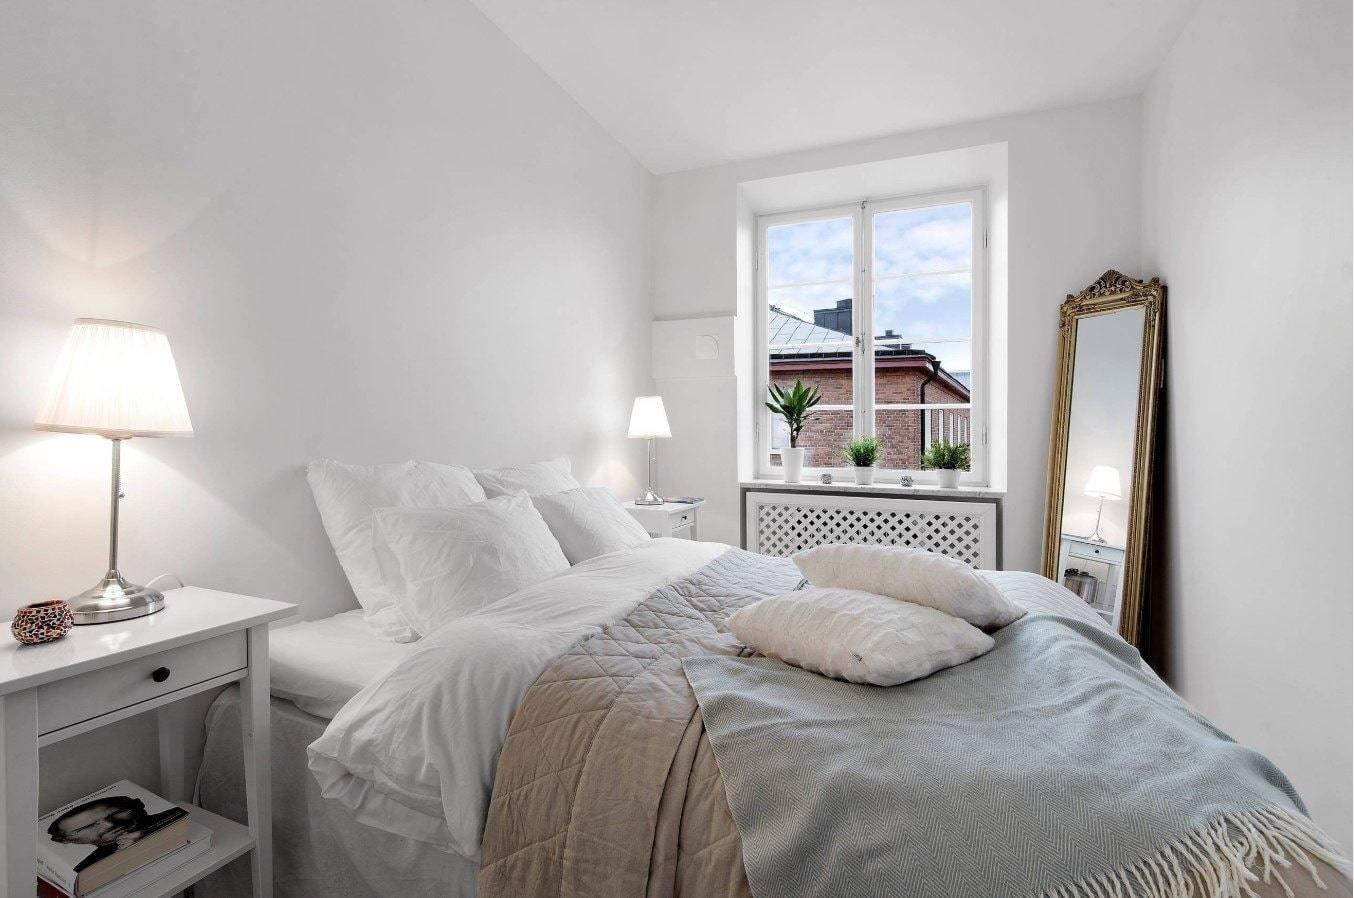 Спальня 16 кв. м. – 75 фото проектирования, зонирования и оформления небольших спален